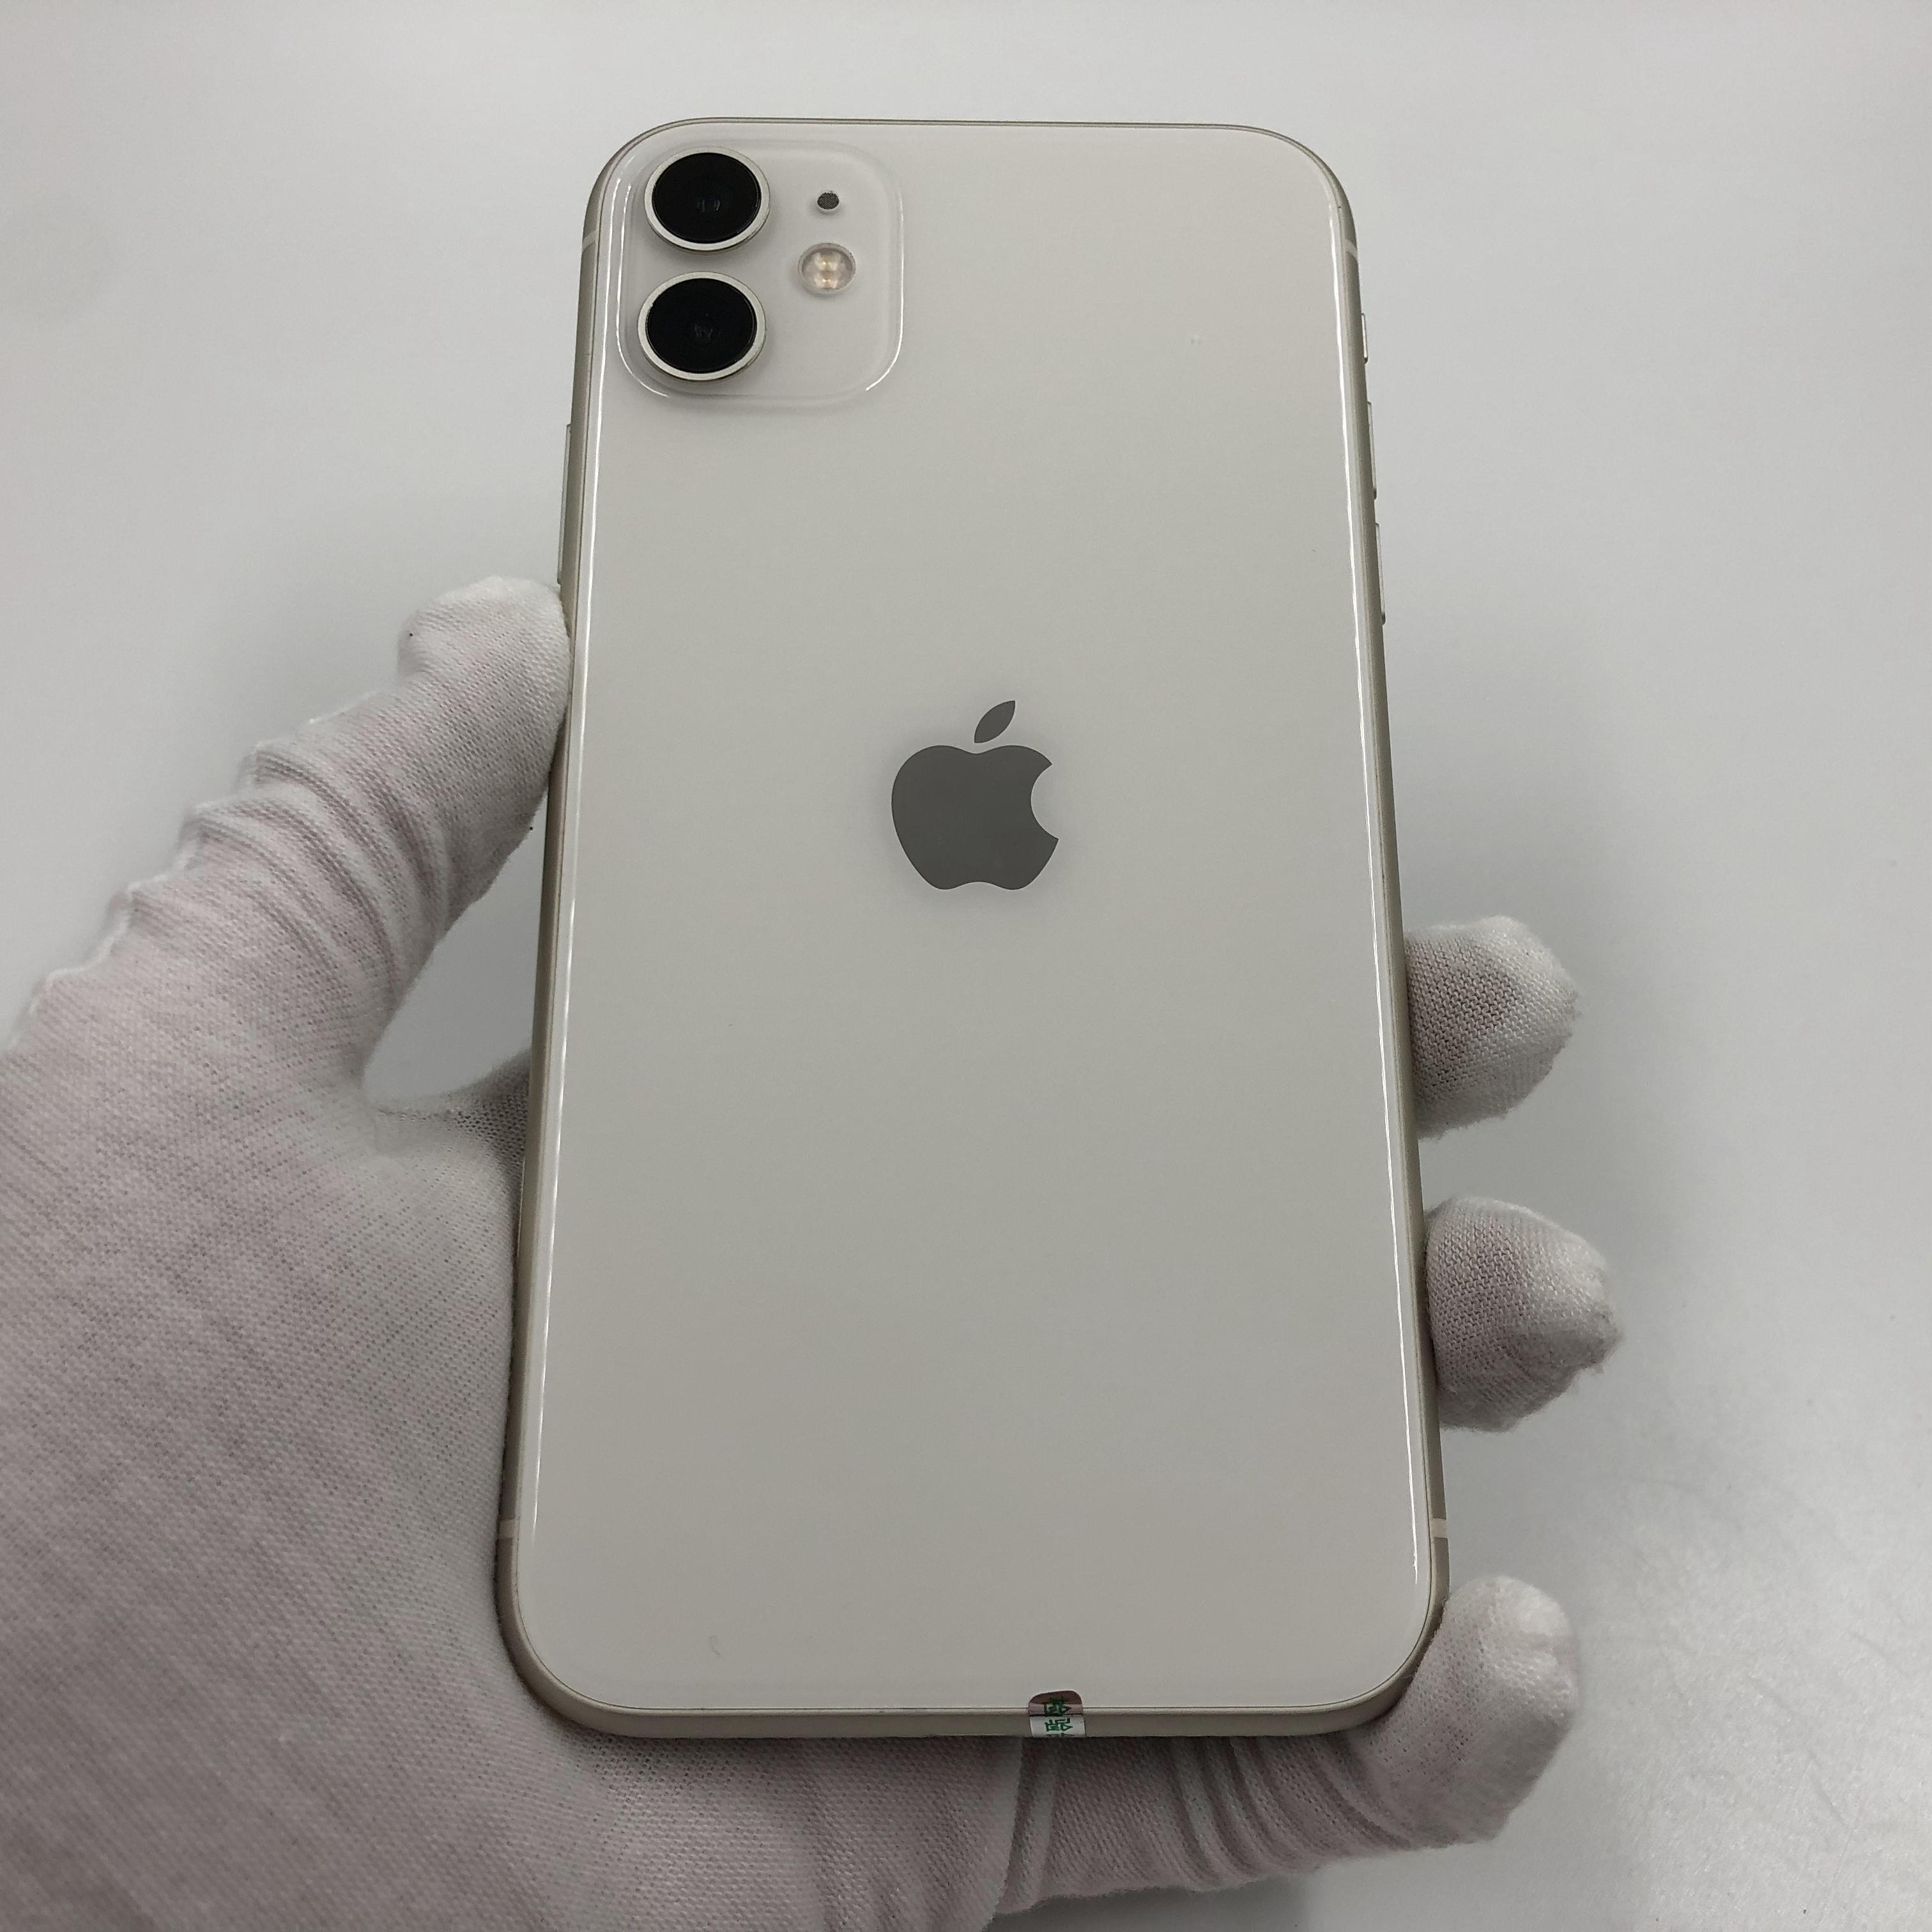 苹果【iPhone 11】4G全网通 白色 64G 国行 95新 真机实拍官保2021-09-18